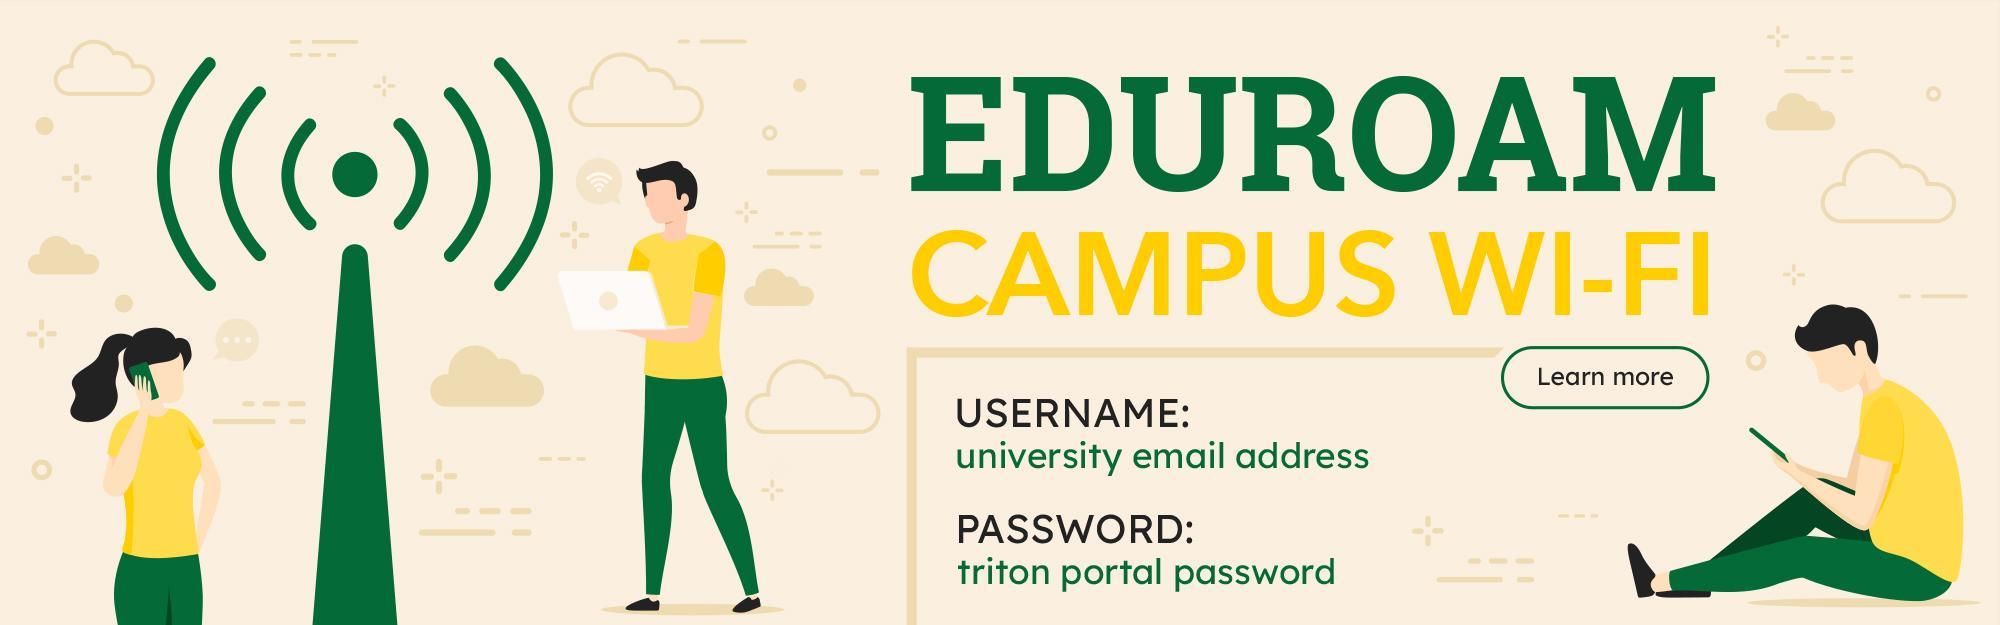 Eduroam Campus Wi-Fi